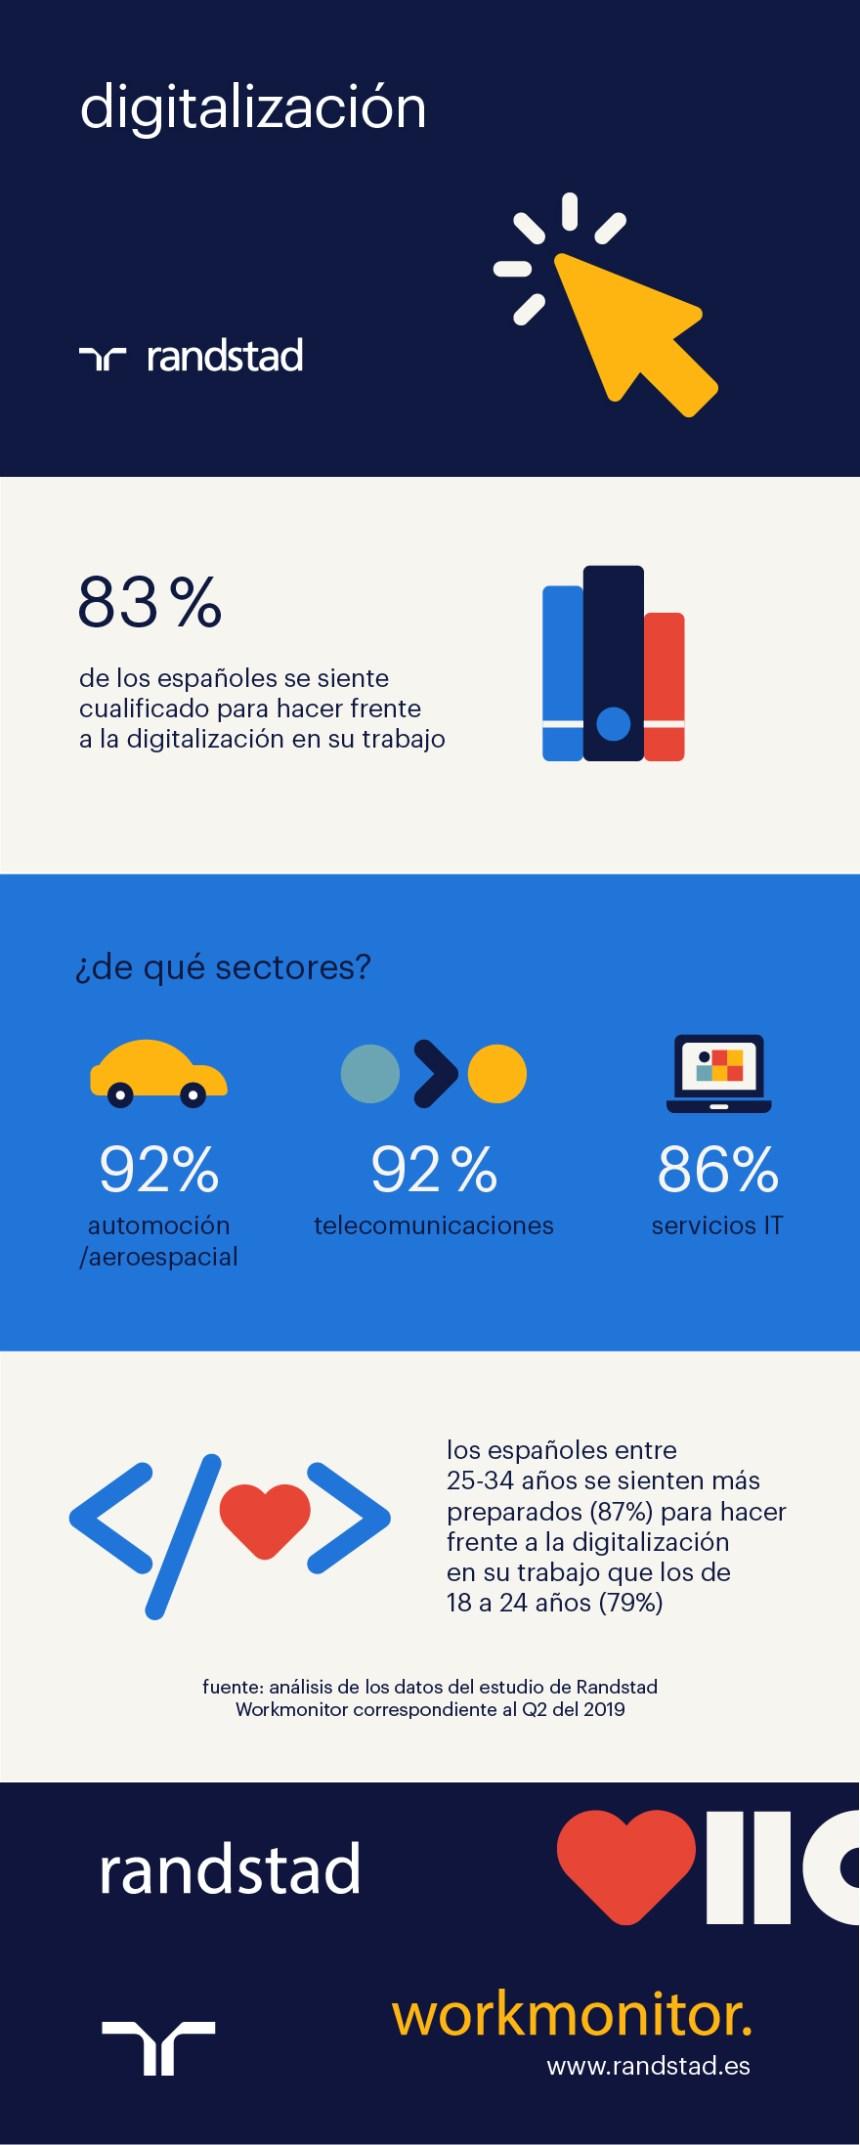 ¿Se sienten los españoles preparados para la digitalización en el trabajo?